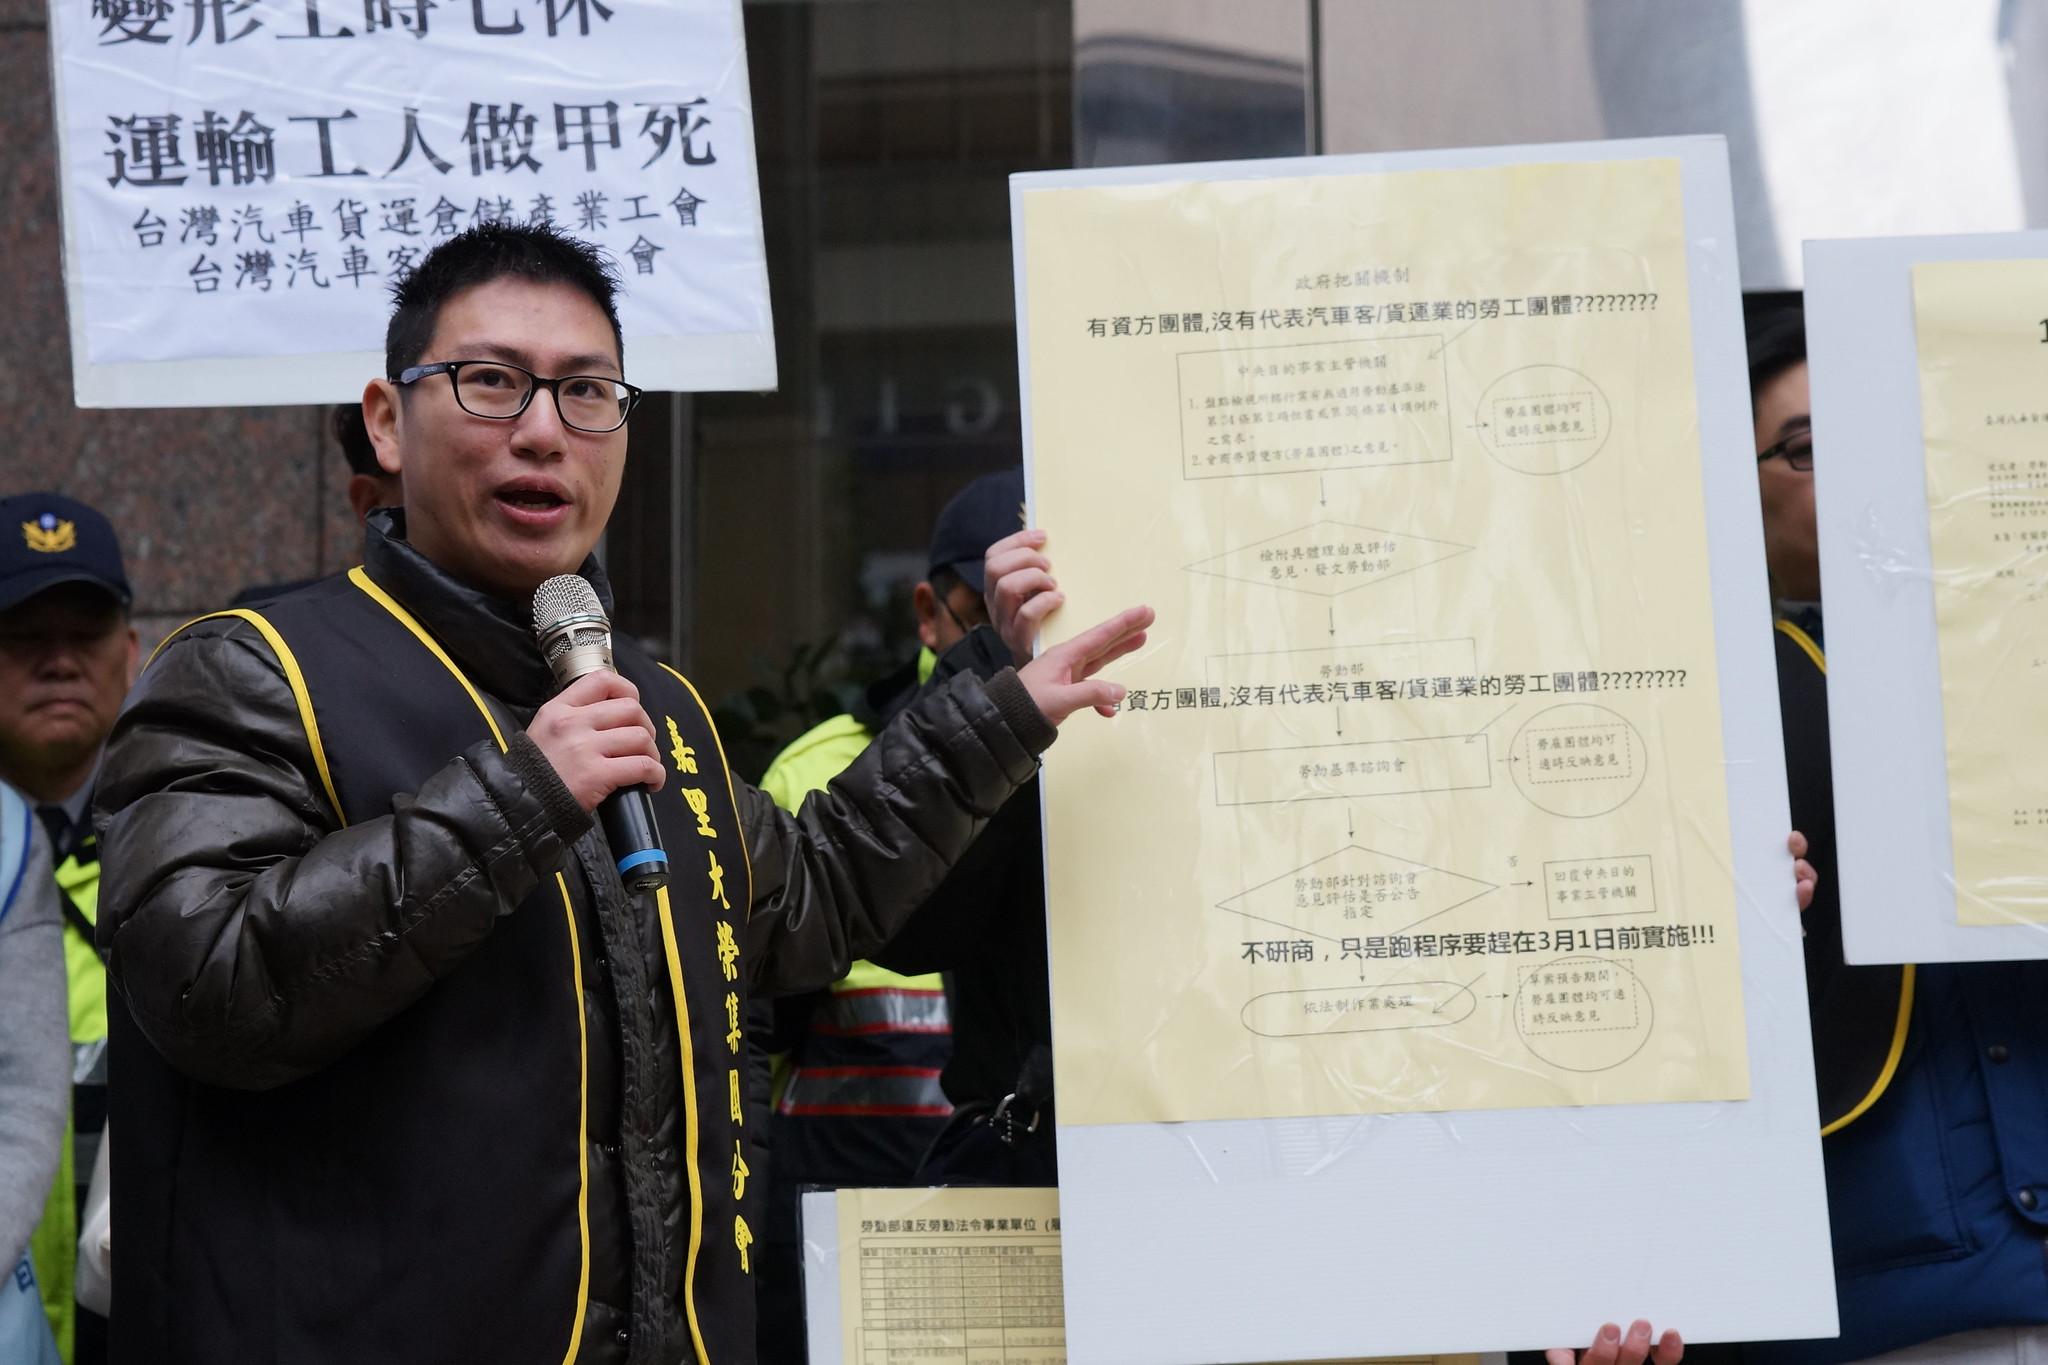 台灣汽車貨運倉儲業產業工會總幹事王浩痛批,交通部沒找勞方討論,勞動部的勞動基準諮詢會也通過列入行業適用,把關機制根本是放水機制。(攝影:王顥中)